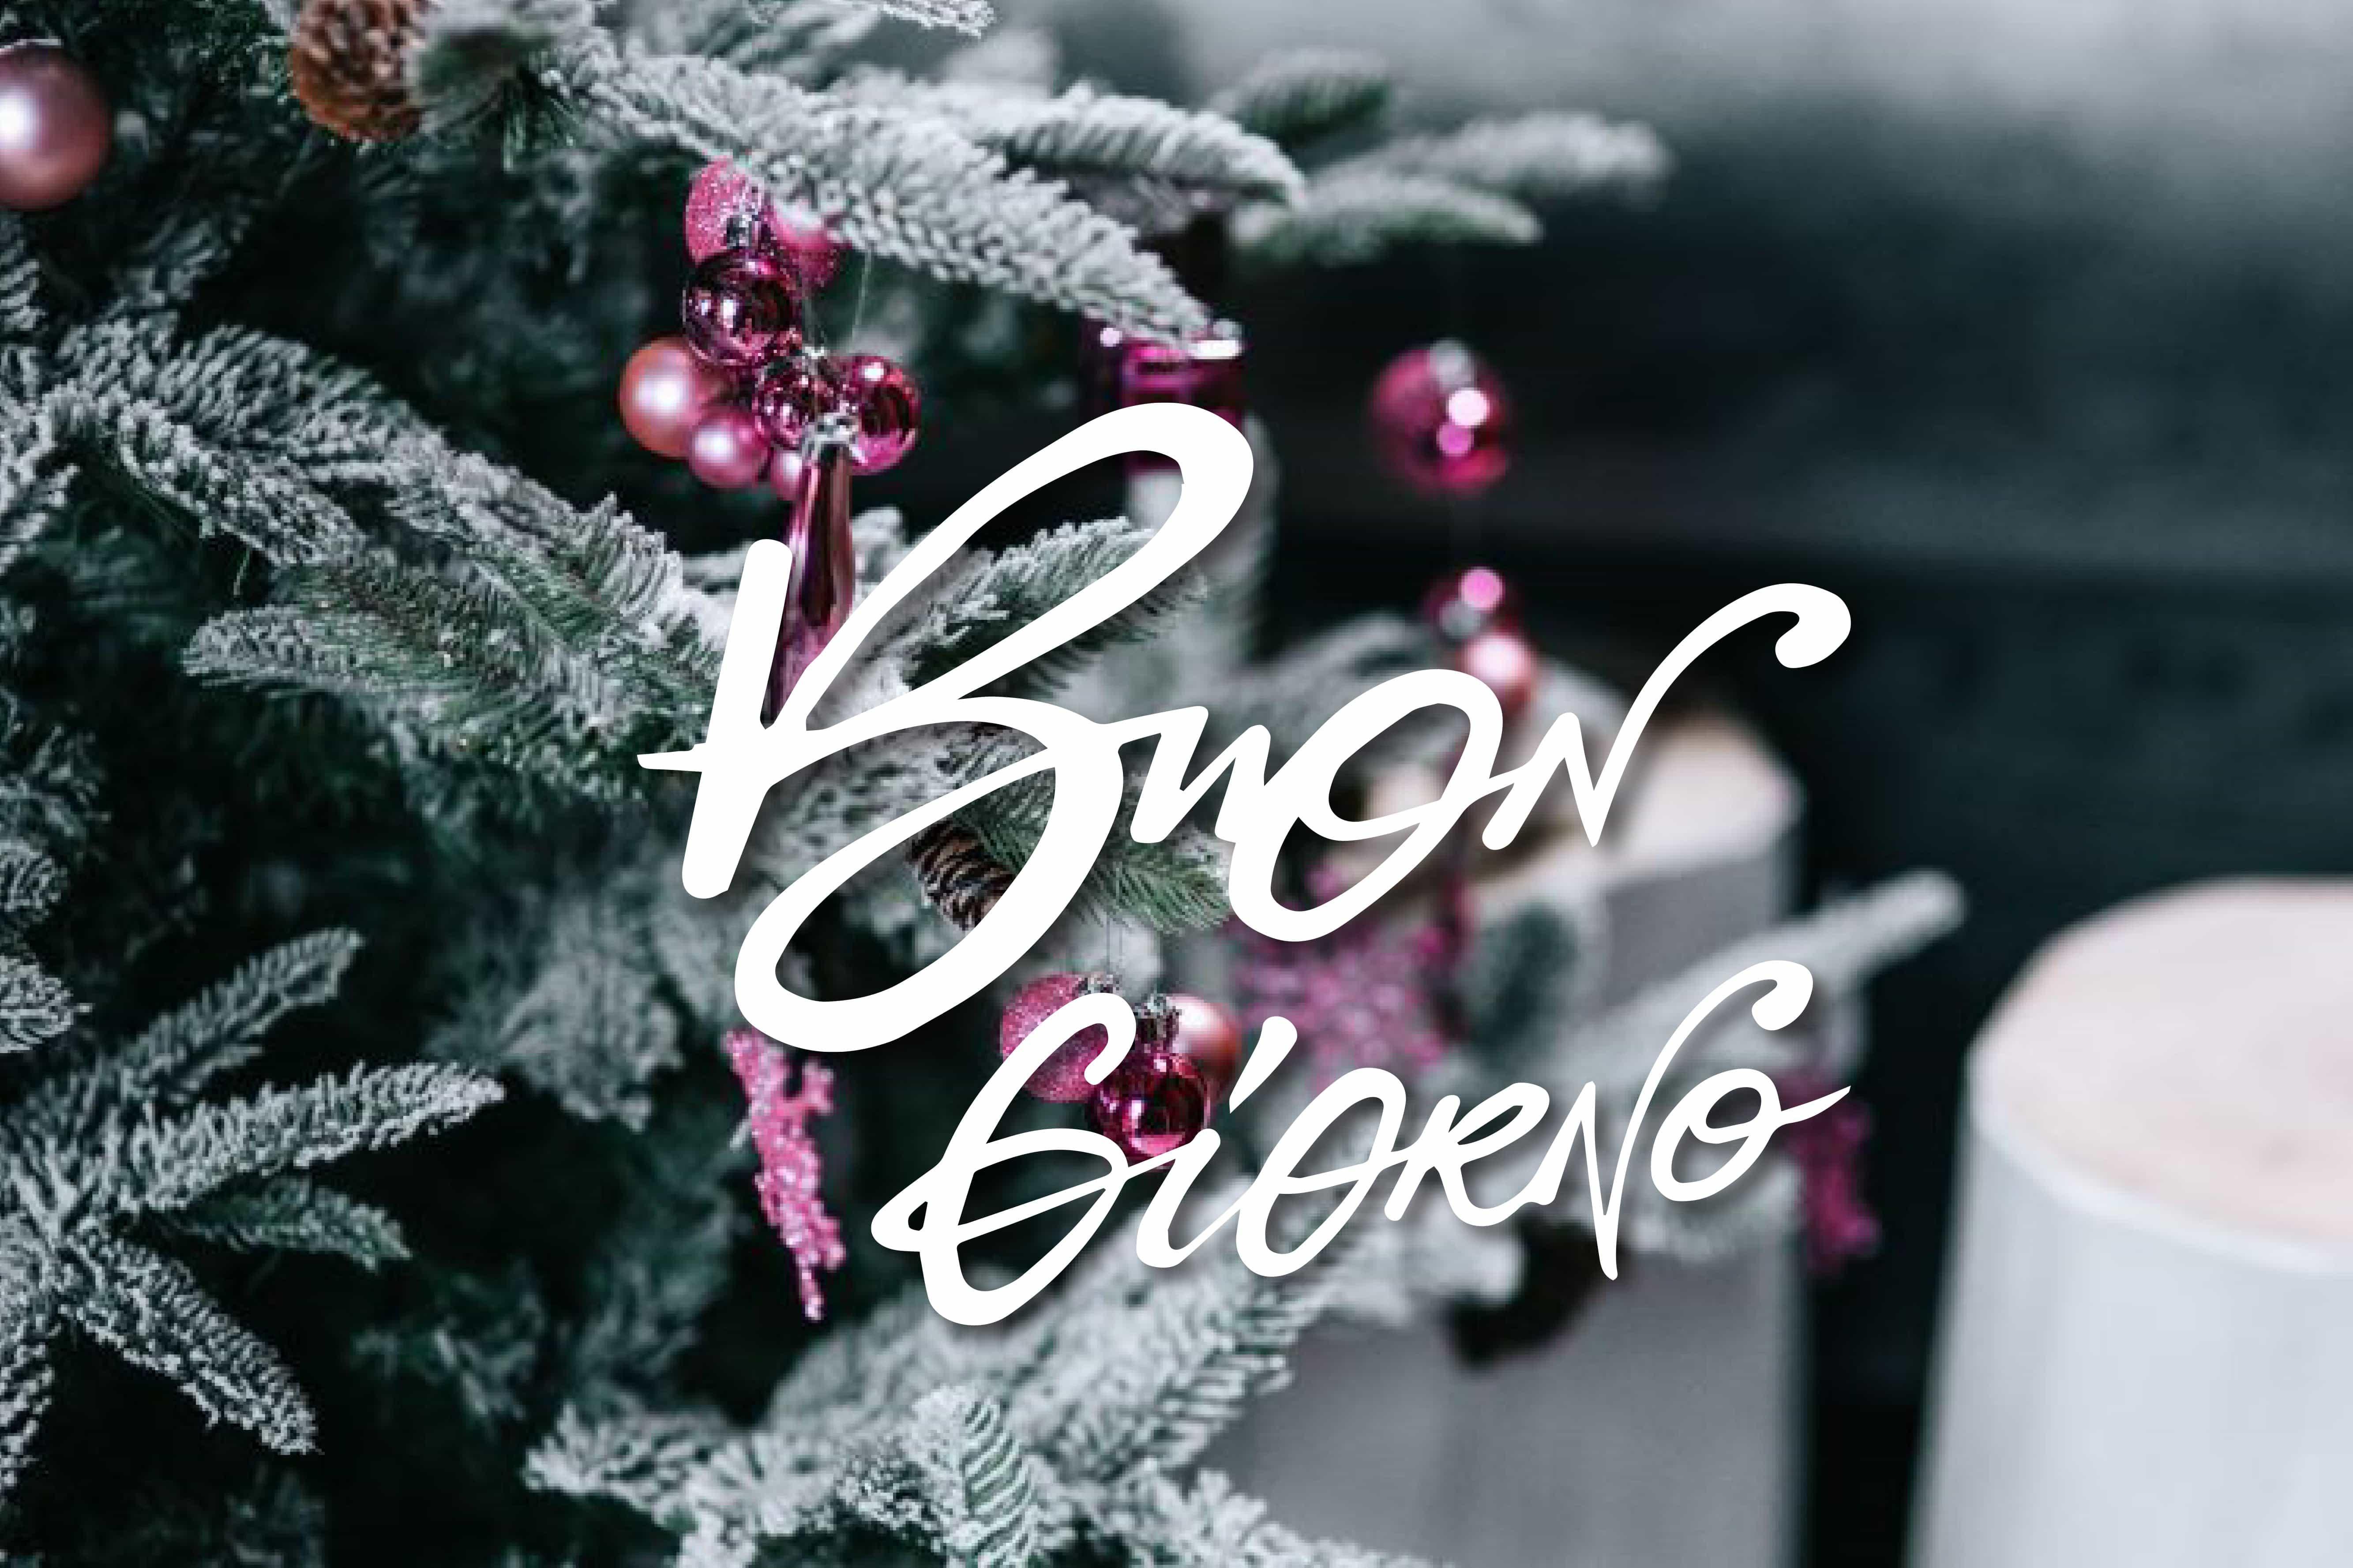 Immagini Del Buongiorno Di Natale.Immagini Buongiorno Natale Gratis Condividi Immagini